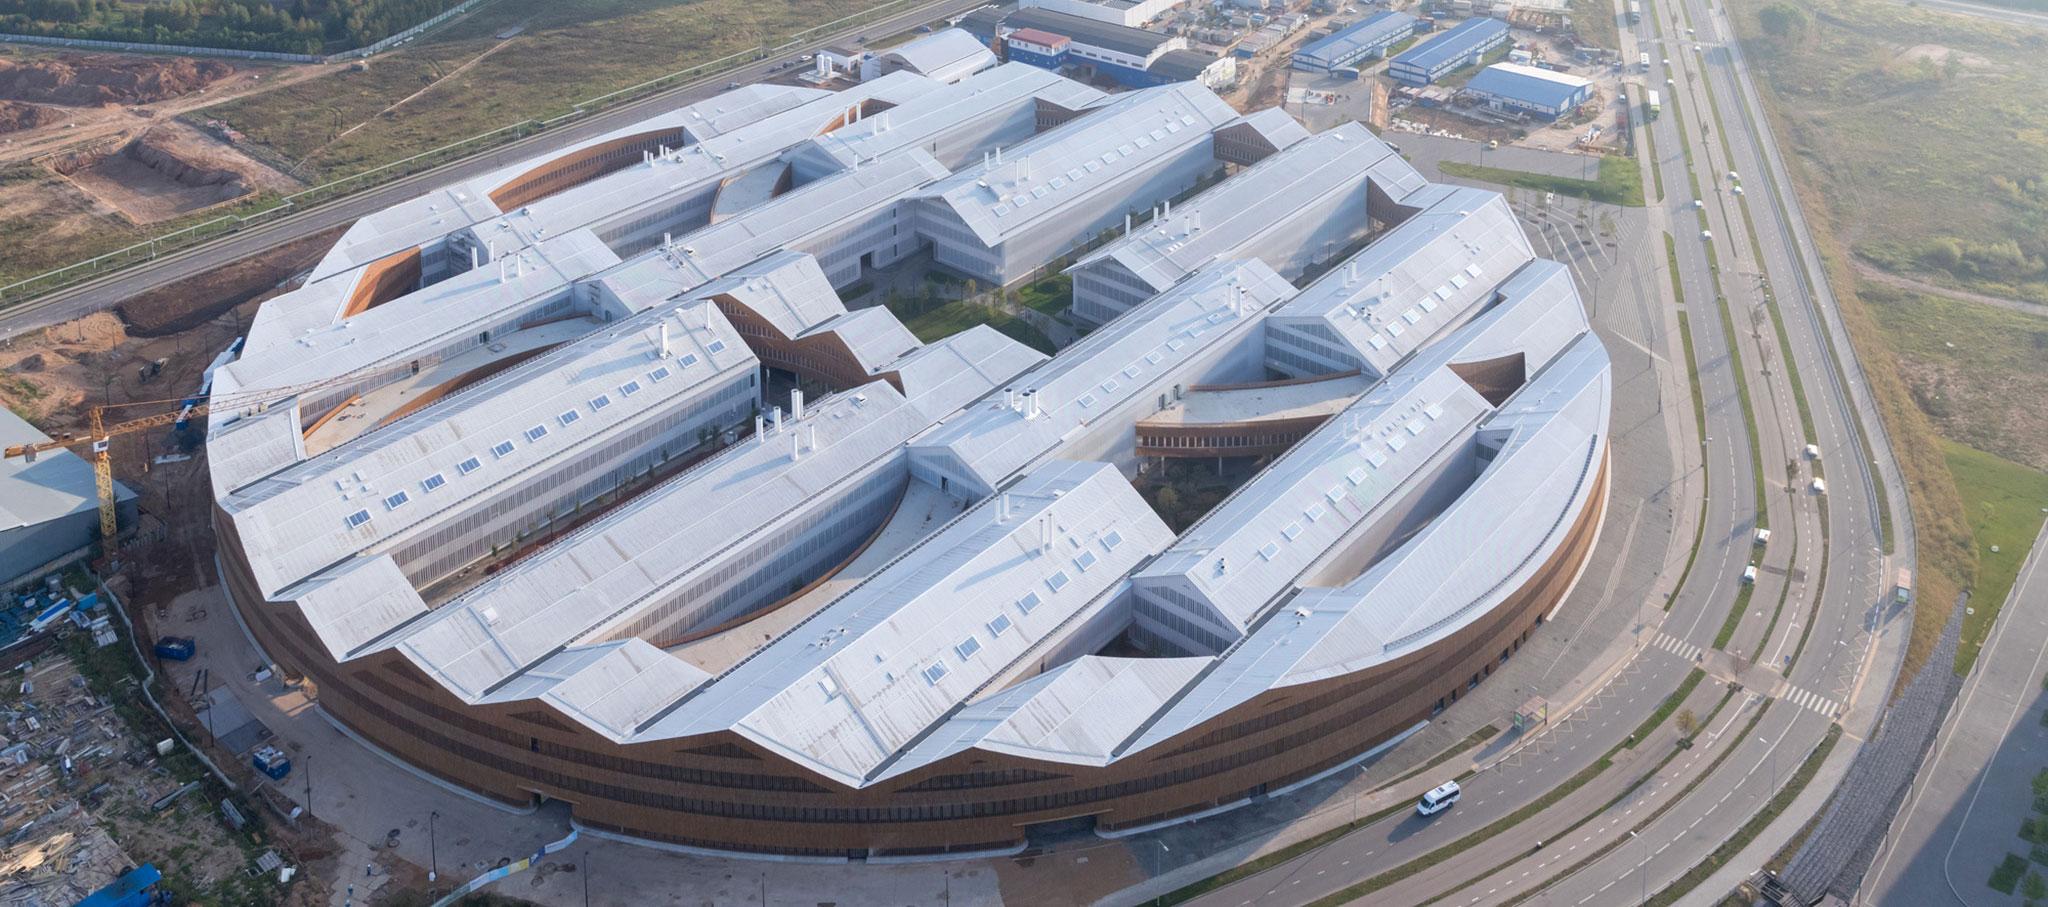 Instituto Skolkovo de Ciencia y Tecnología por Herzog & de Meuron. Fotografía por Iwan Baan